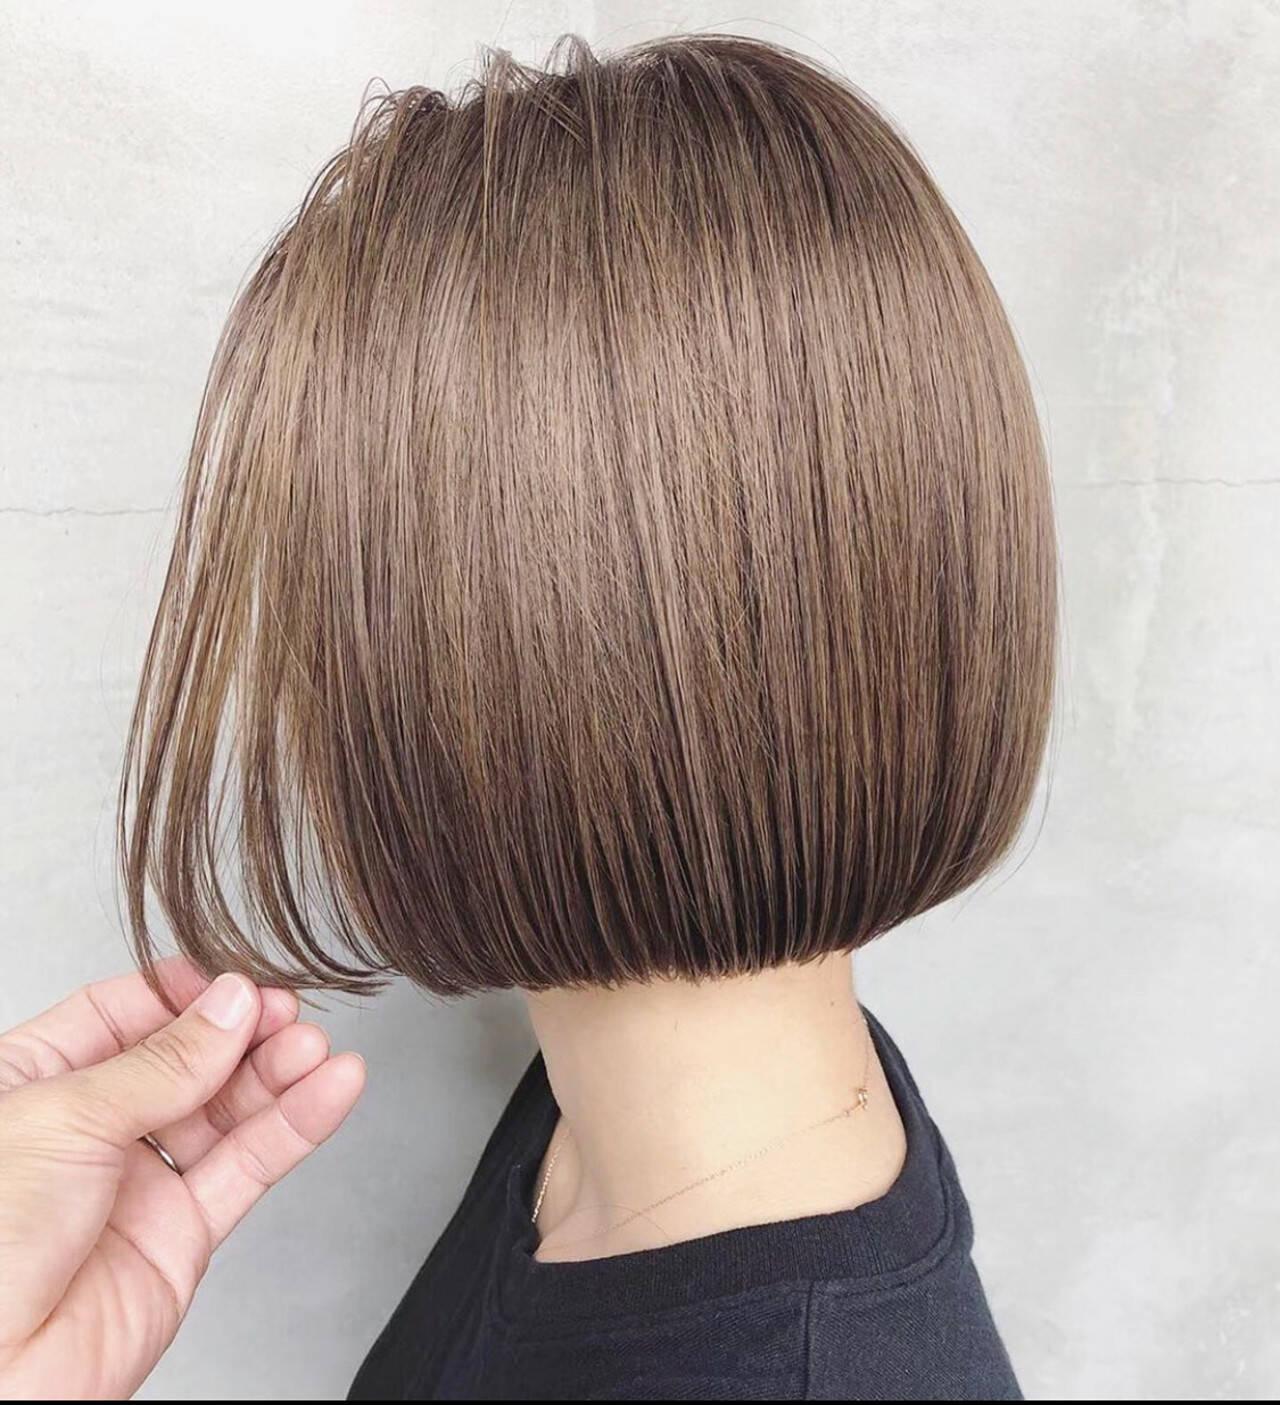 ボブ ミニボブ ショートボブ ナチュラルヘアスタイルや髪型の写真・画像